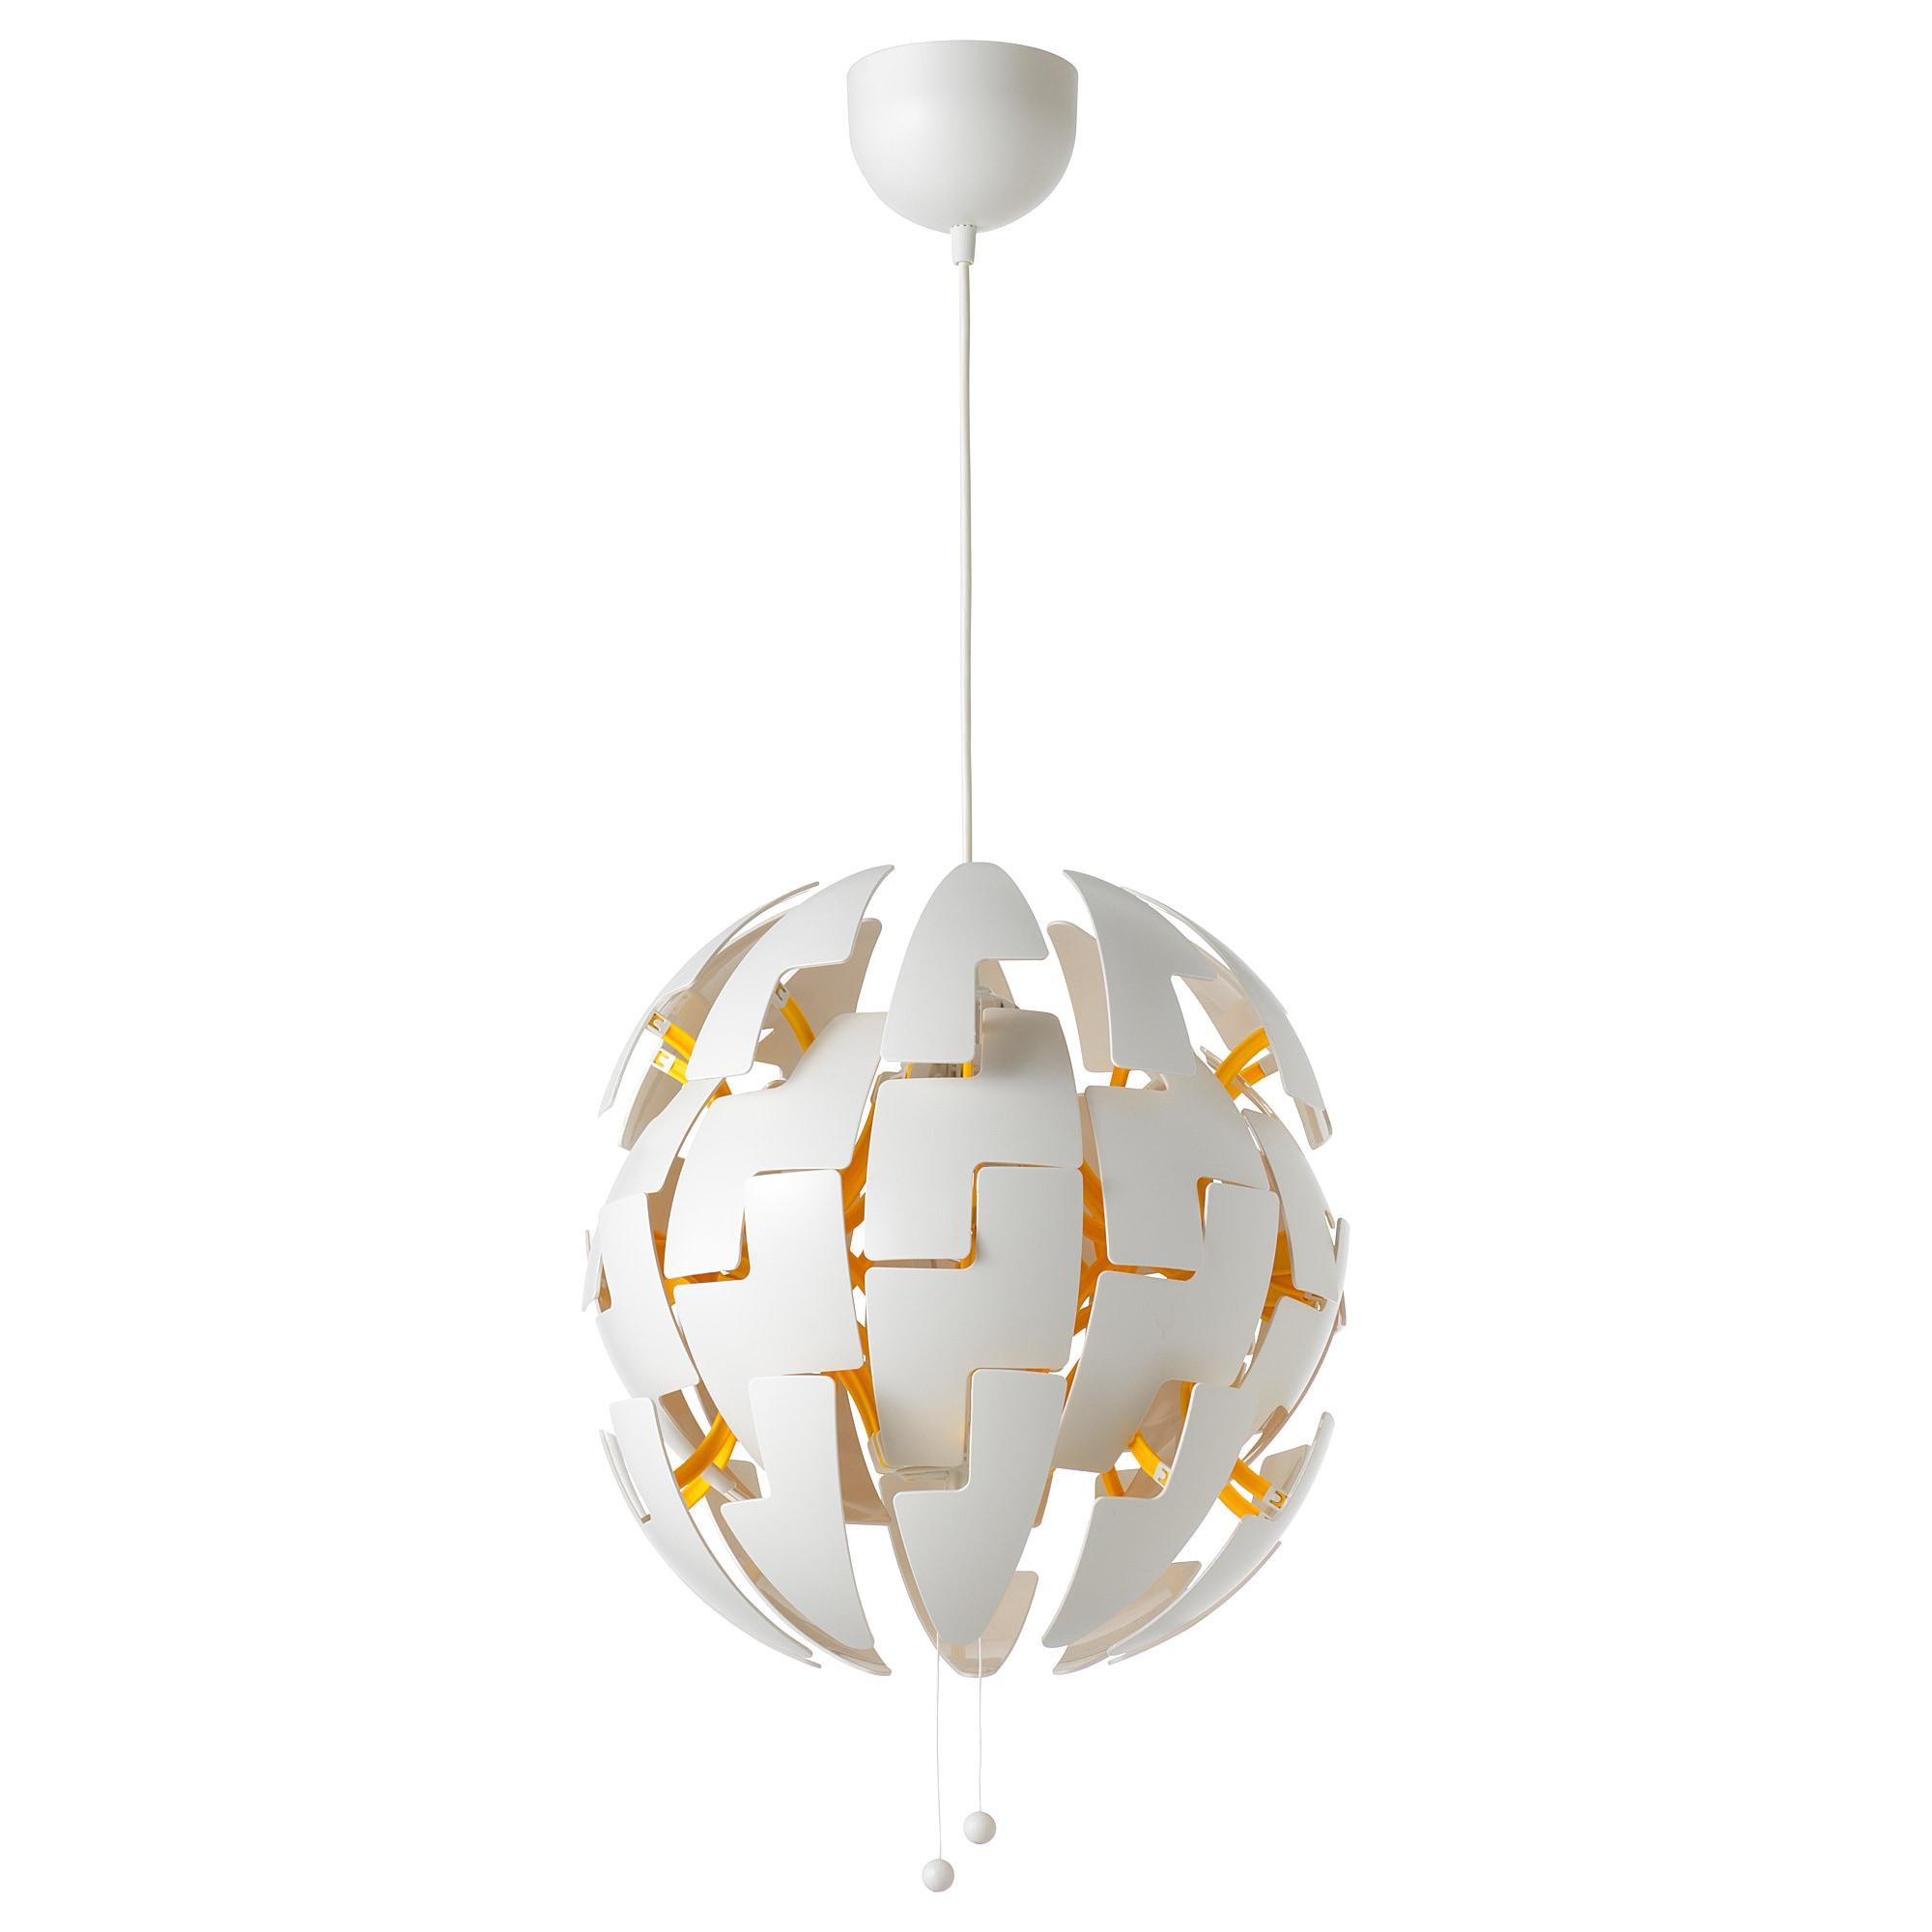 Подвесной светильник ИКЕА ПС 2014 желтый артикуль № 103.631.61 в наличии. Онлайн каталог IKEA Минск. Быстрая доставка и установка.